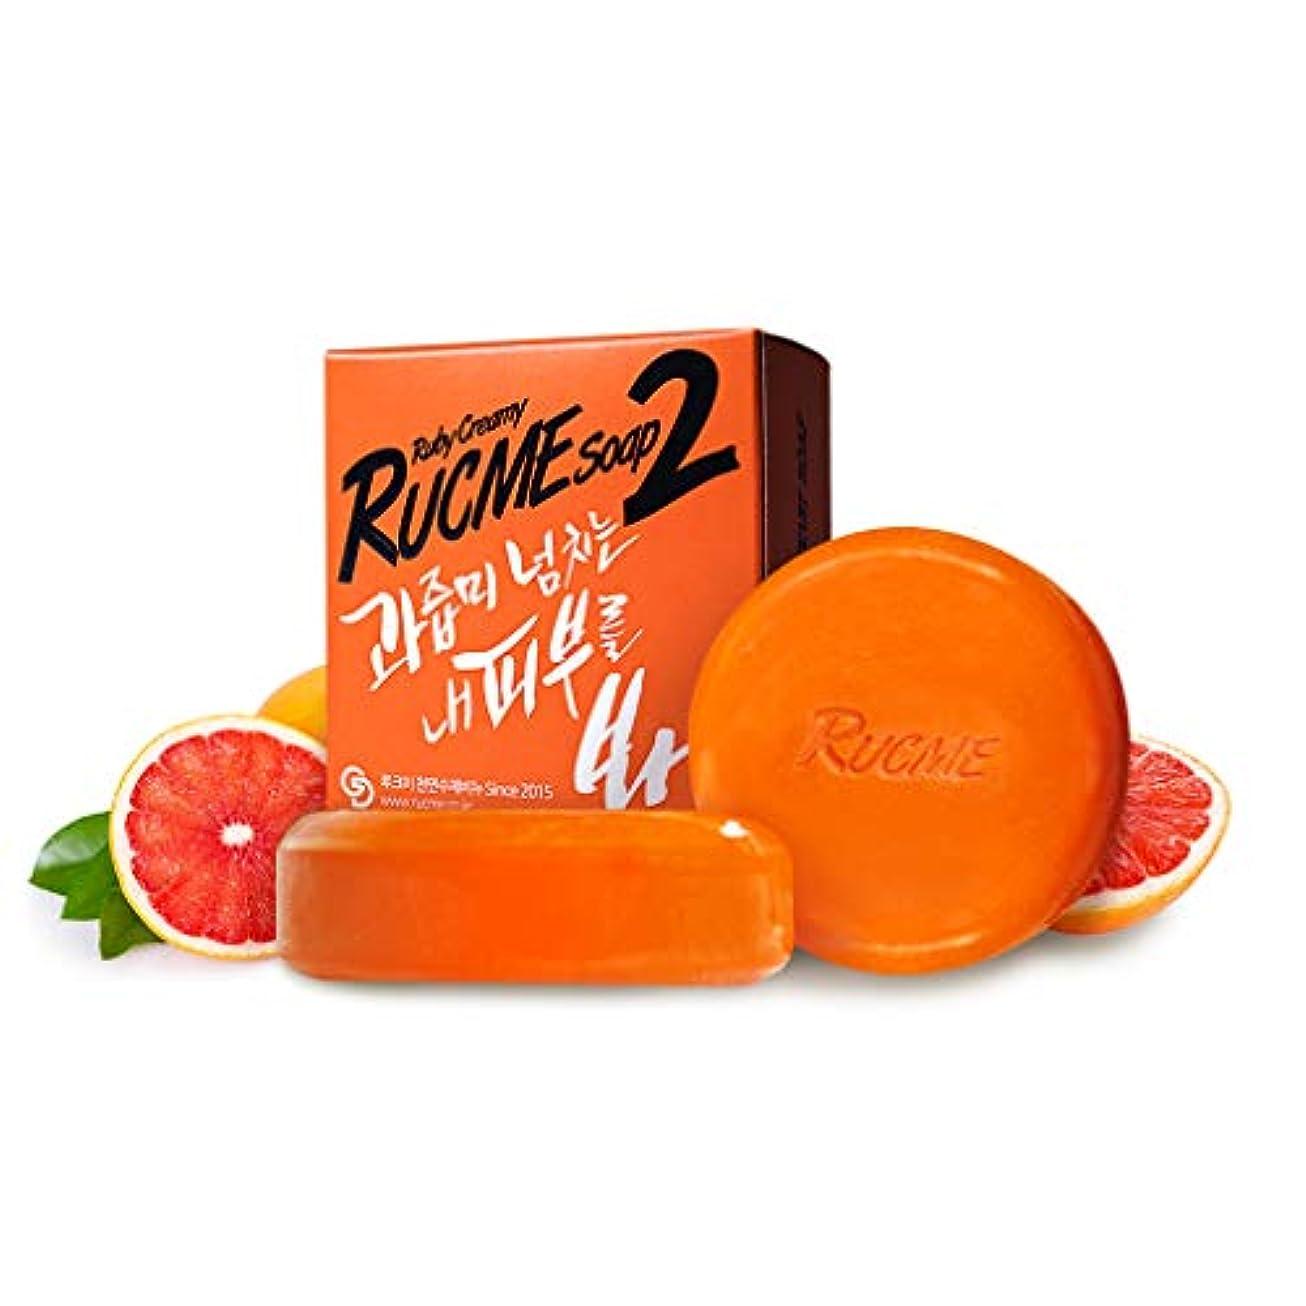 [RUCME] グレープフルーツ&パプリカ 洗顔石鹸/ルビークリーミーソープ 2